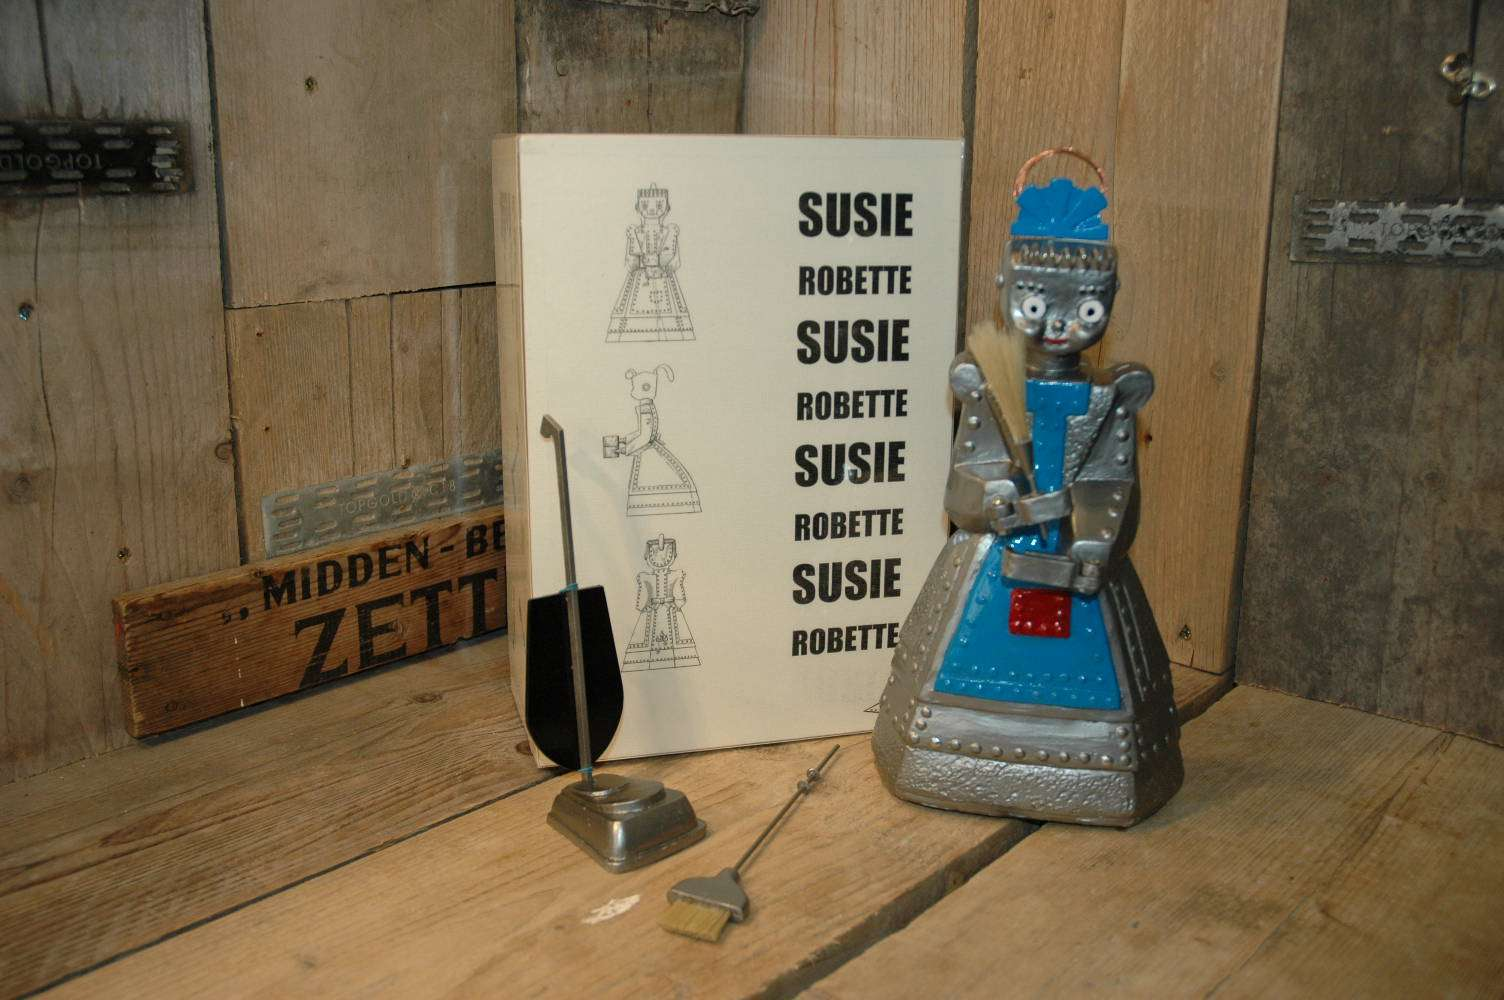 VST - Susie Robette